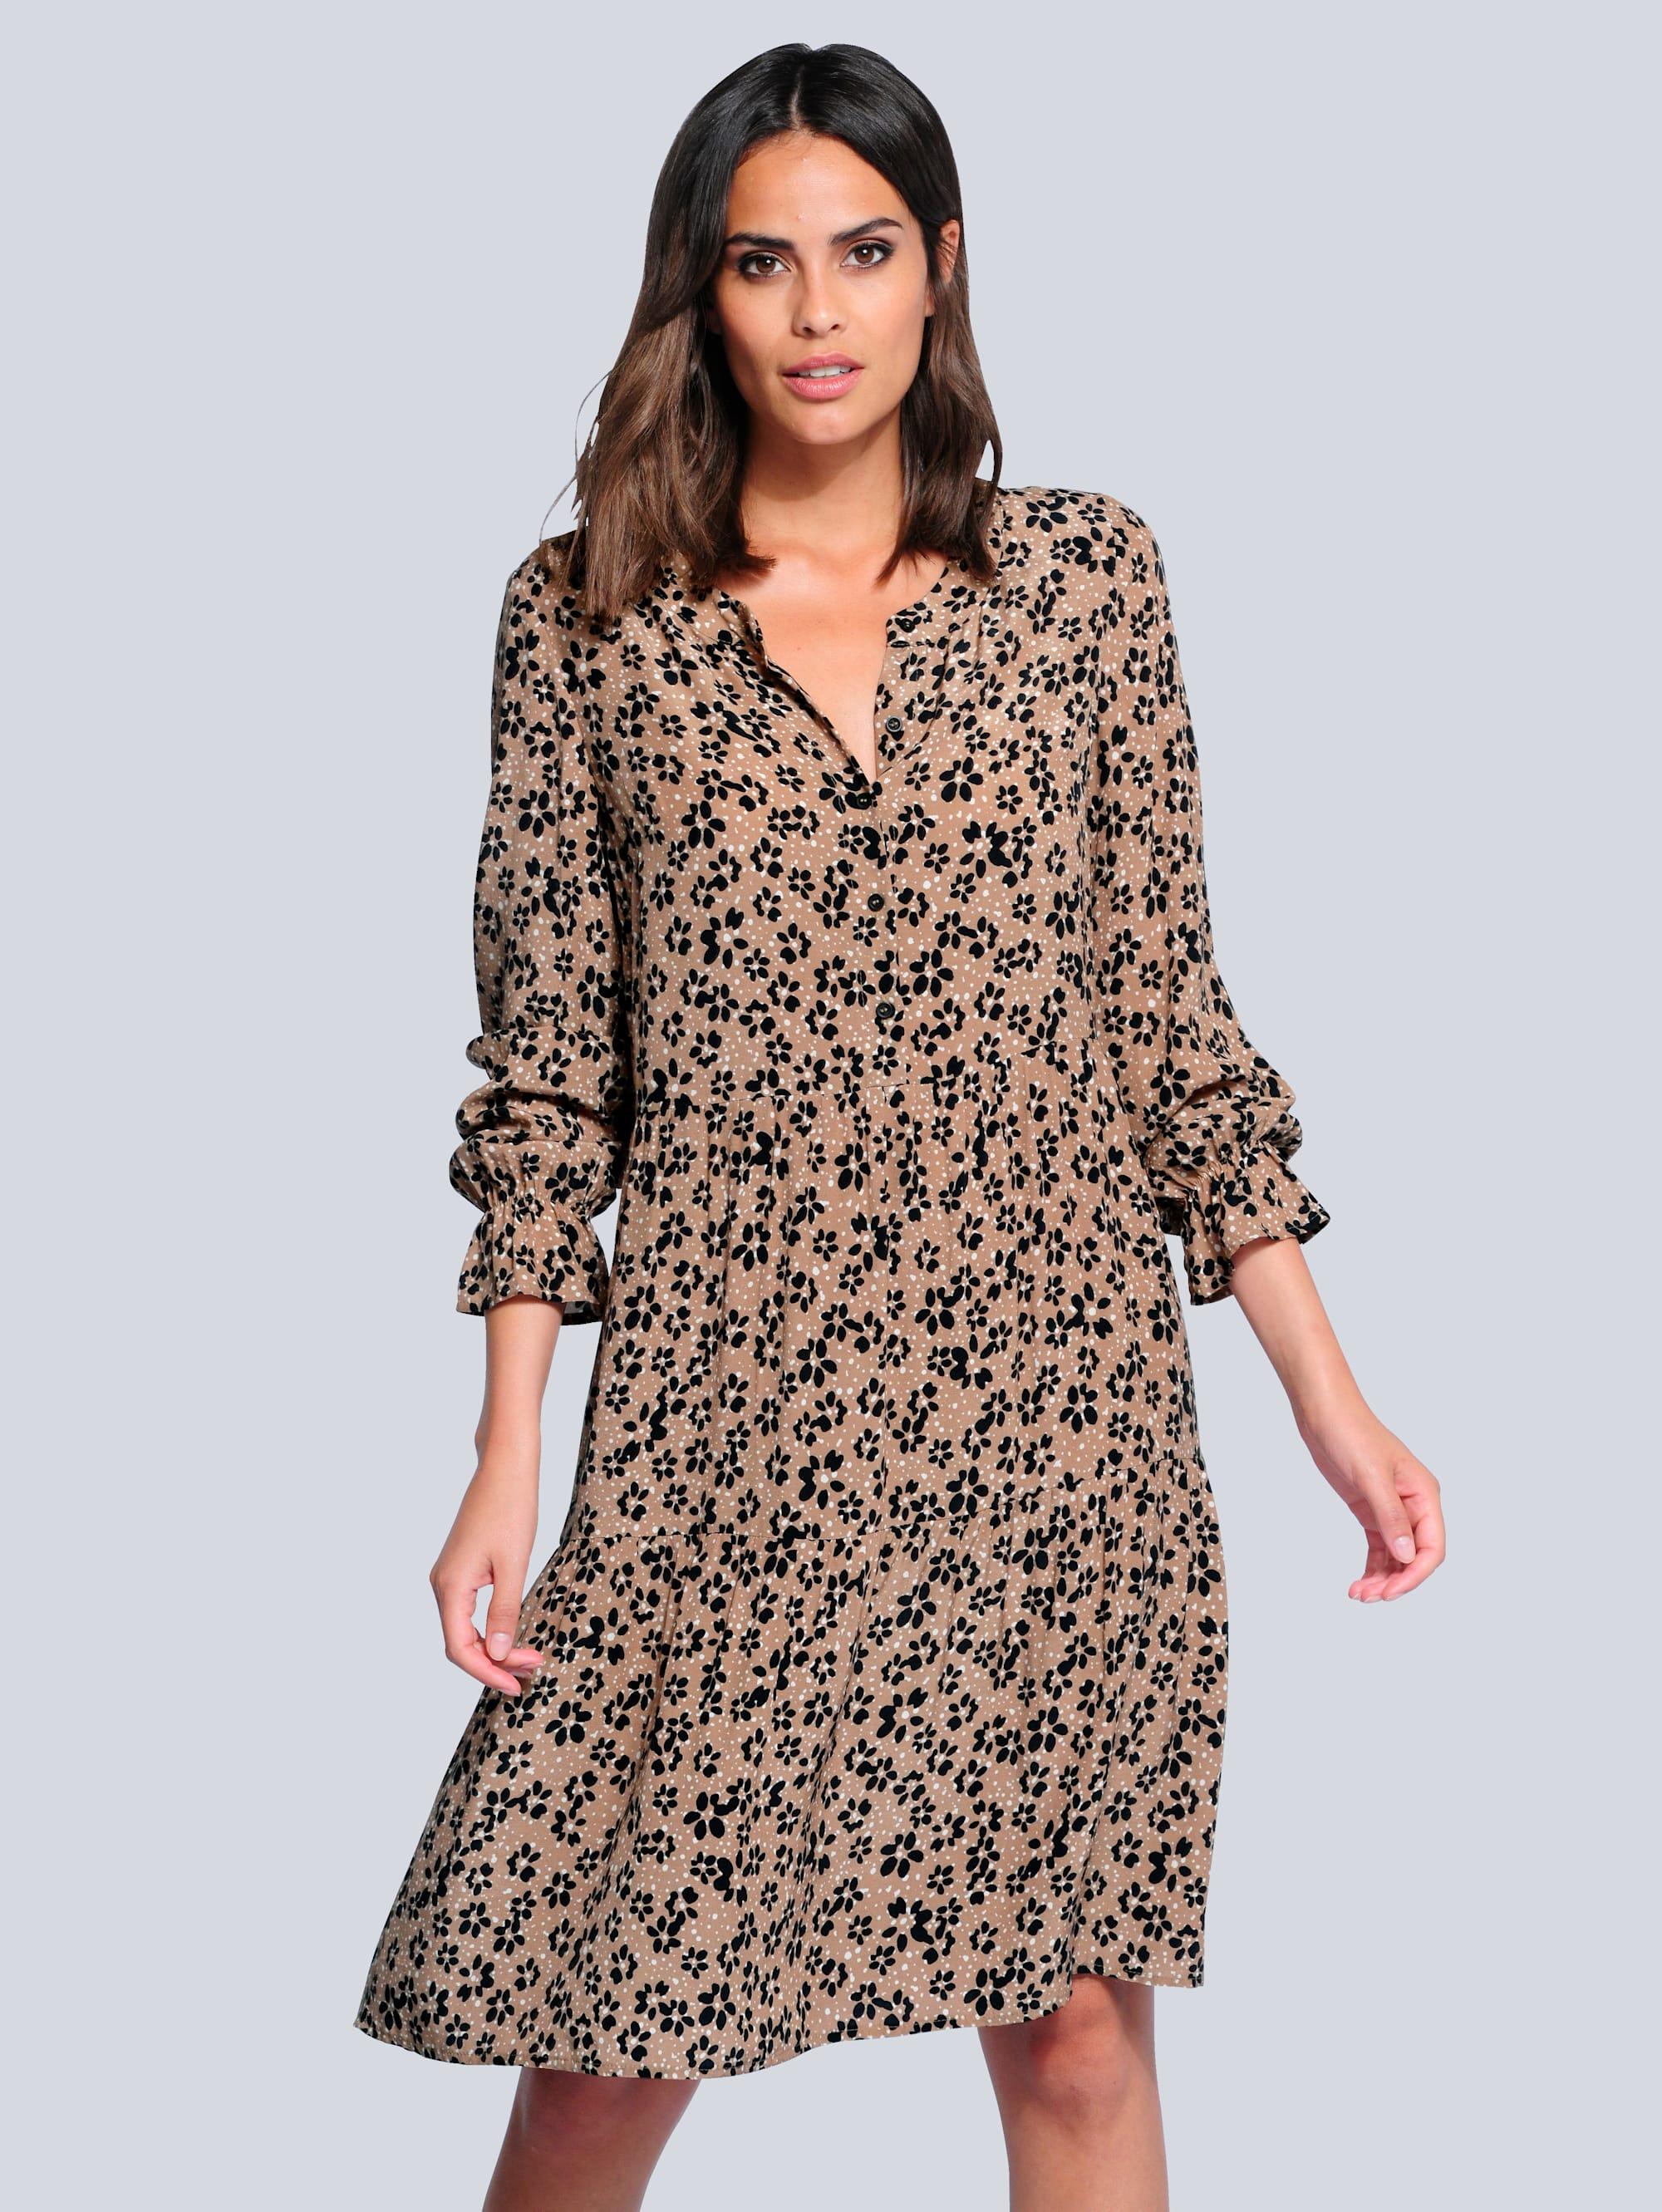 alba moda -  Druckkleid im aktuellen Mille Fleur Print